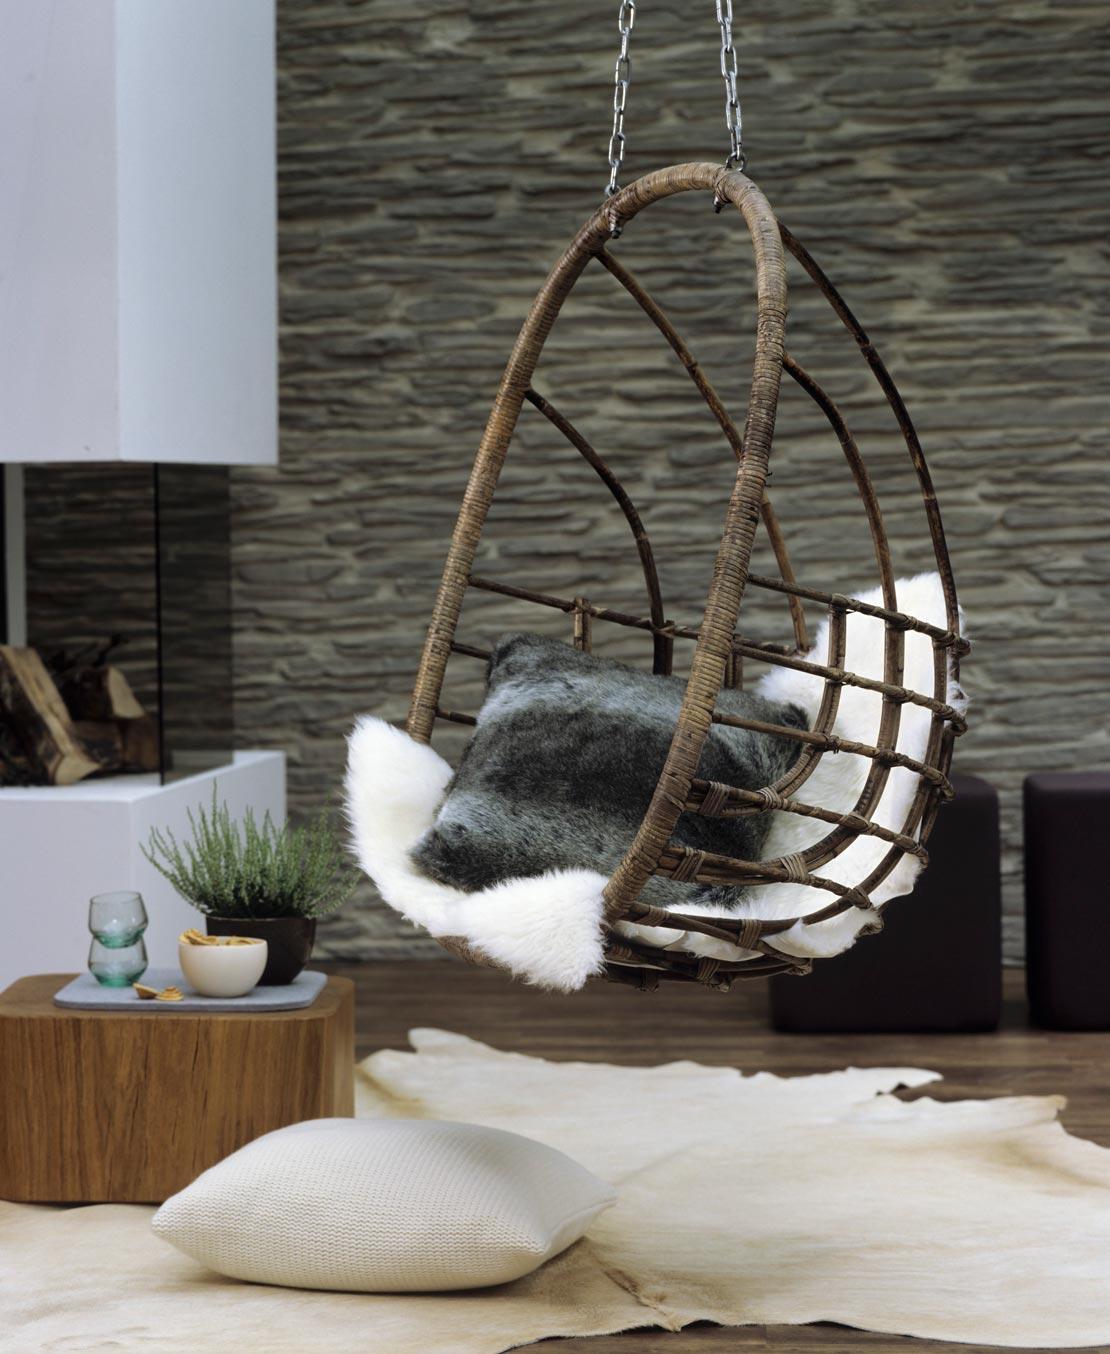 westwing-sillas colgantes-madera